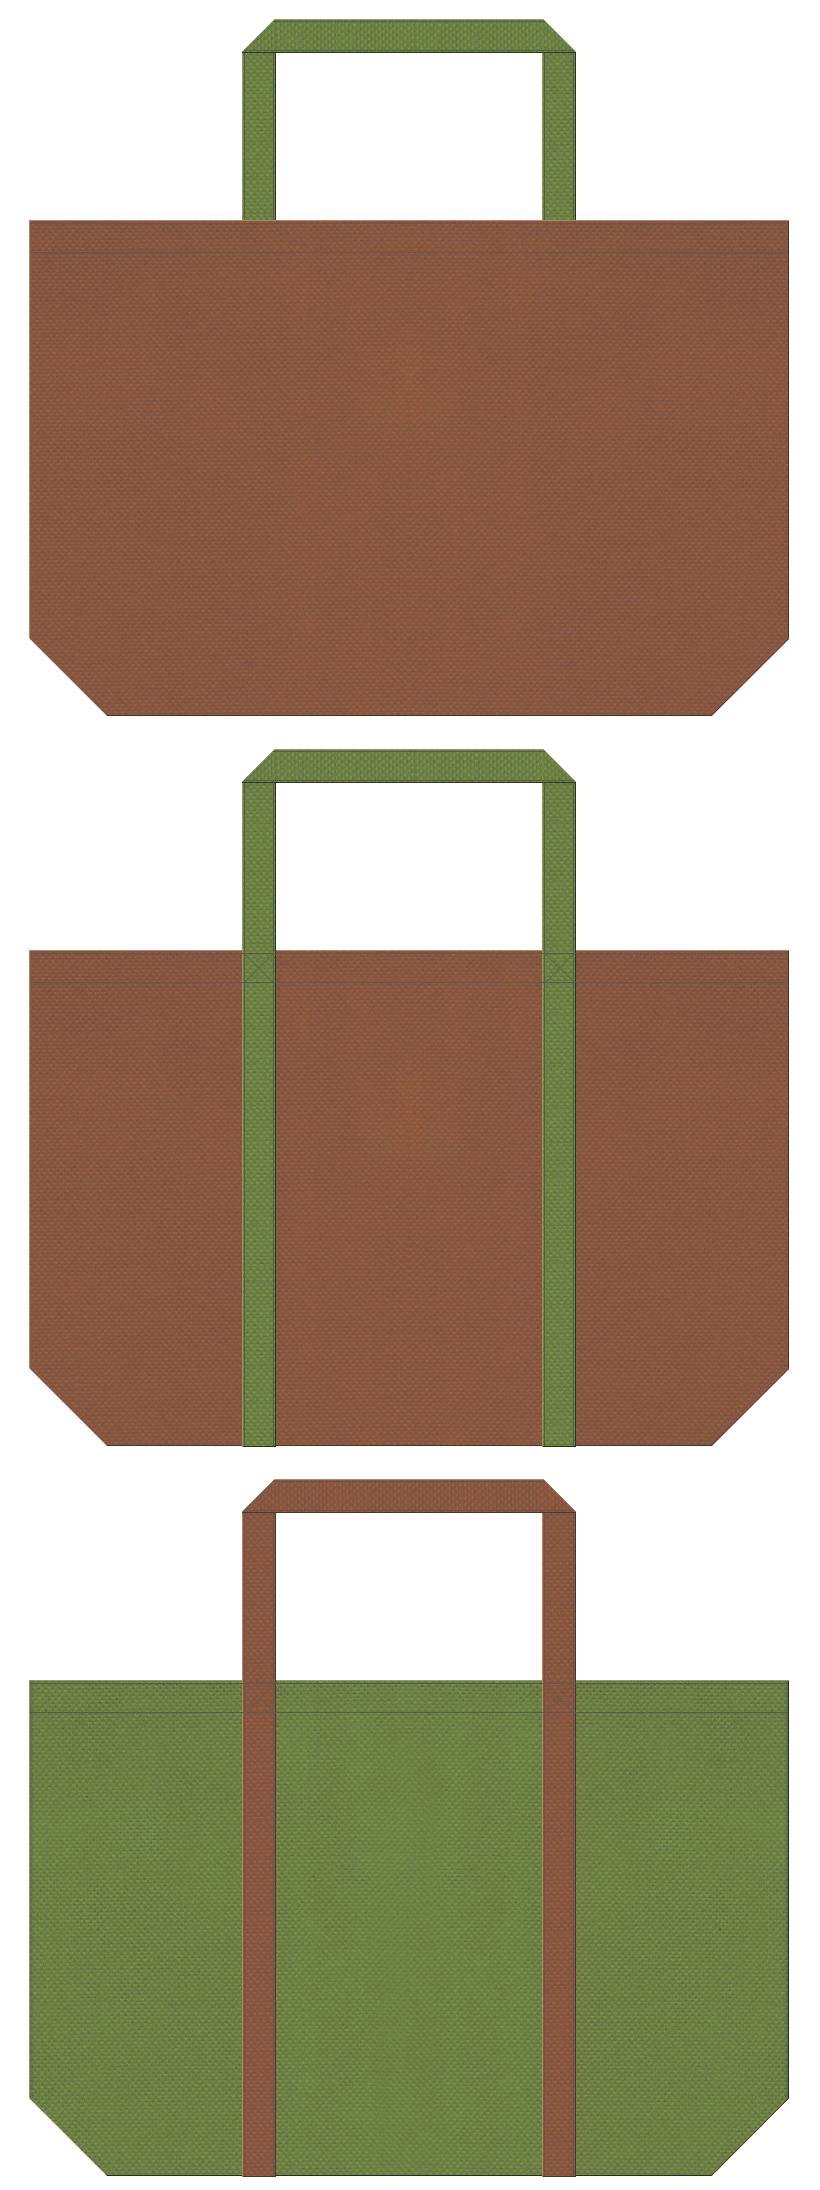 抹茶・茶道具・生け花・草餅・陶器・窯元・画材・民芸品・和風インテリア・和風催事・和菓子のショッピングバッグにお奨めの不織布バッグデザイン:茶色と草色のコーデ